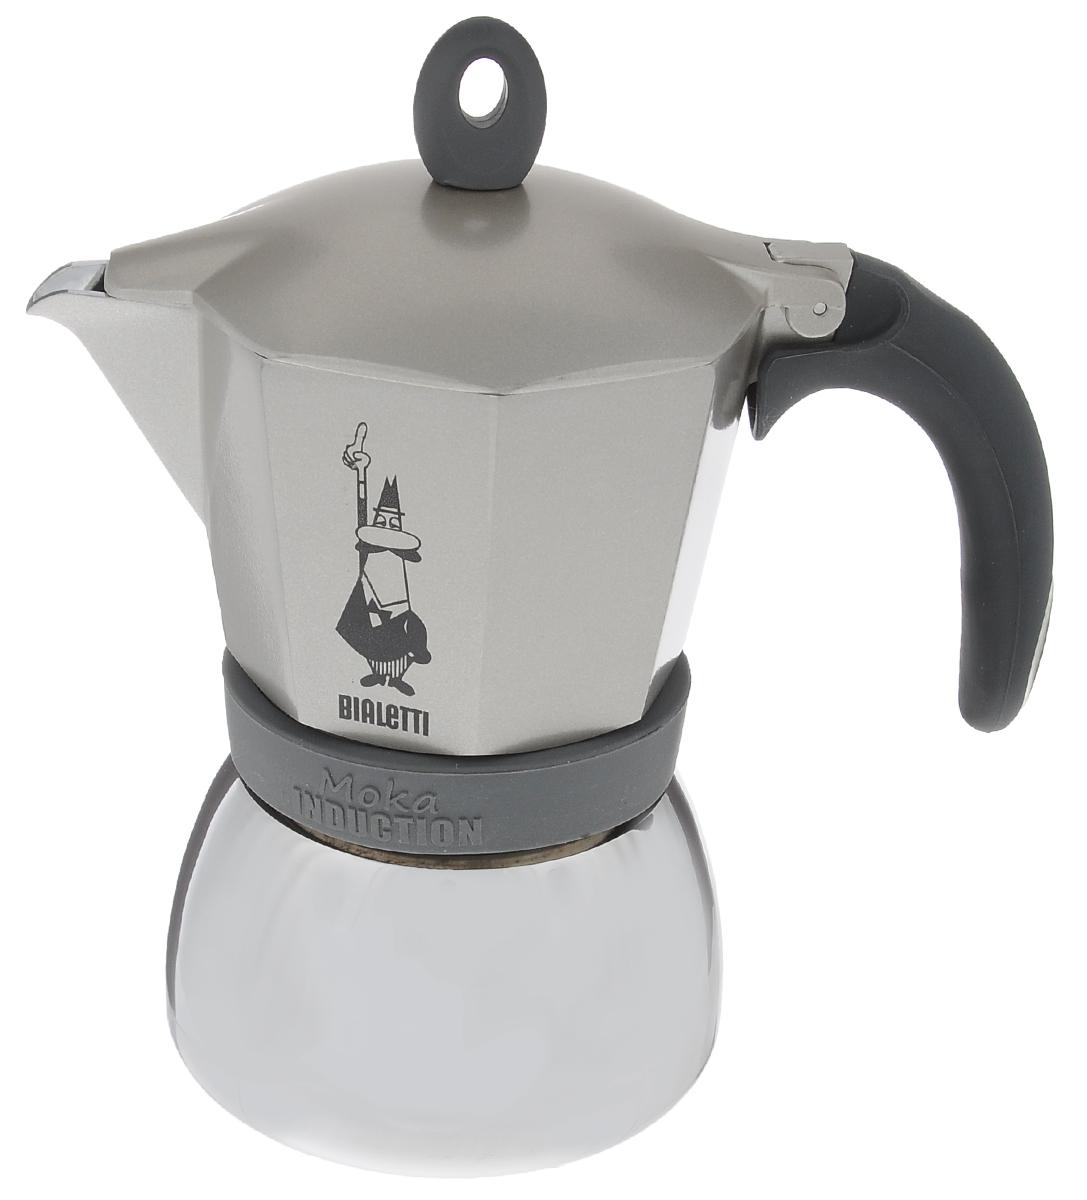 Кофеварка гейзерная Bialetti Moka Induction, цвет: серый, на 6 чашек115610Компактная гейзерная кофеварка Bialetti Moka Induction изготовлена из высококачественного алюминия и стали. Объема кофе хватает на 6 чашек. Изделие оснащено удобной обрезиненной ручкой.Принцип работы такой гейзерной кофеварки - кофе заваривается путем многократного прохождения горячей воды или пара через слой молотого кофе. Удобство кофеварки в том, что вся кофейная гуща остается во внутренней емкости. Гейзерные кофеварки пользуются большой популярностью благодаря изысканному аромату. Кофе получается крепкий и насыщенный. Теперь и дома вы сможете насладиться великолепным эспрессо. Подходит для газовых, электрических, стеклокерамических и индукционных плит. Нельзя мыть в посудомоечной машине. Высота (с учетом крышки): 20 см.